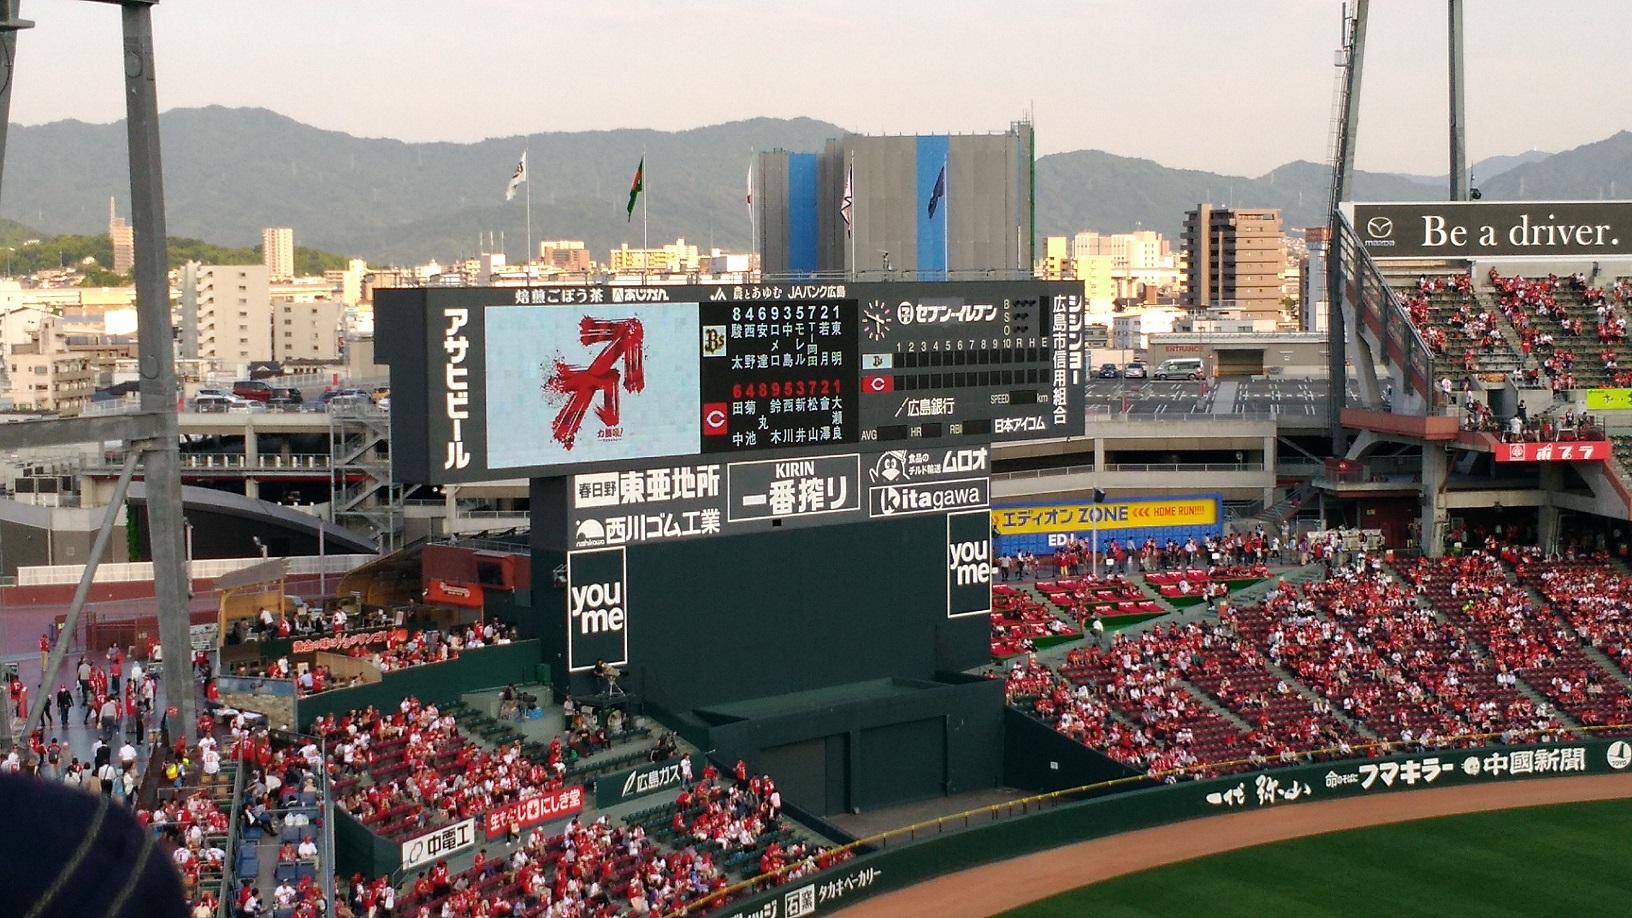 2017年交流戦を【ビジターパフォーマンス席】で観戦しました!「スタジアムや試合の様子です」 ‐ 2017年プロ野球・広島カープ・マツダスタジアム徹底ガイド 17 ‐